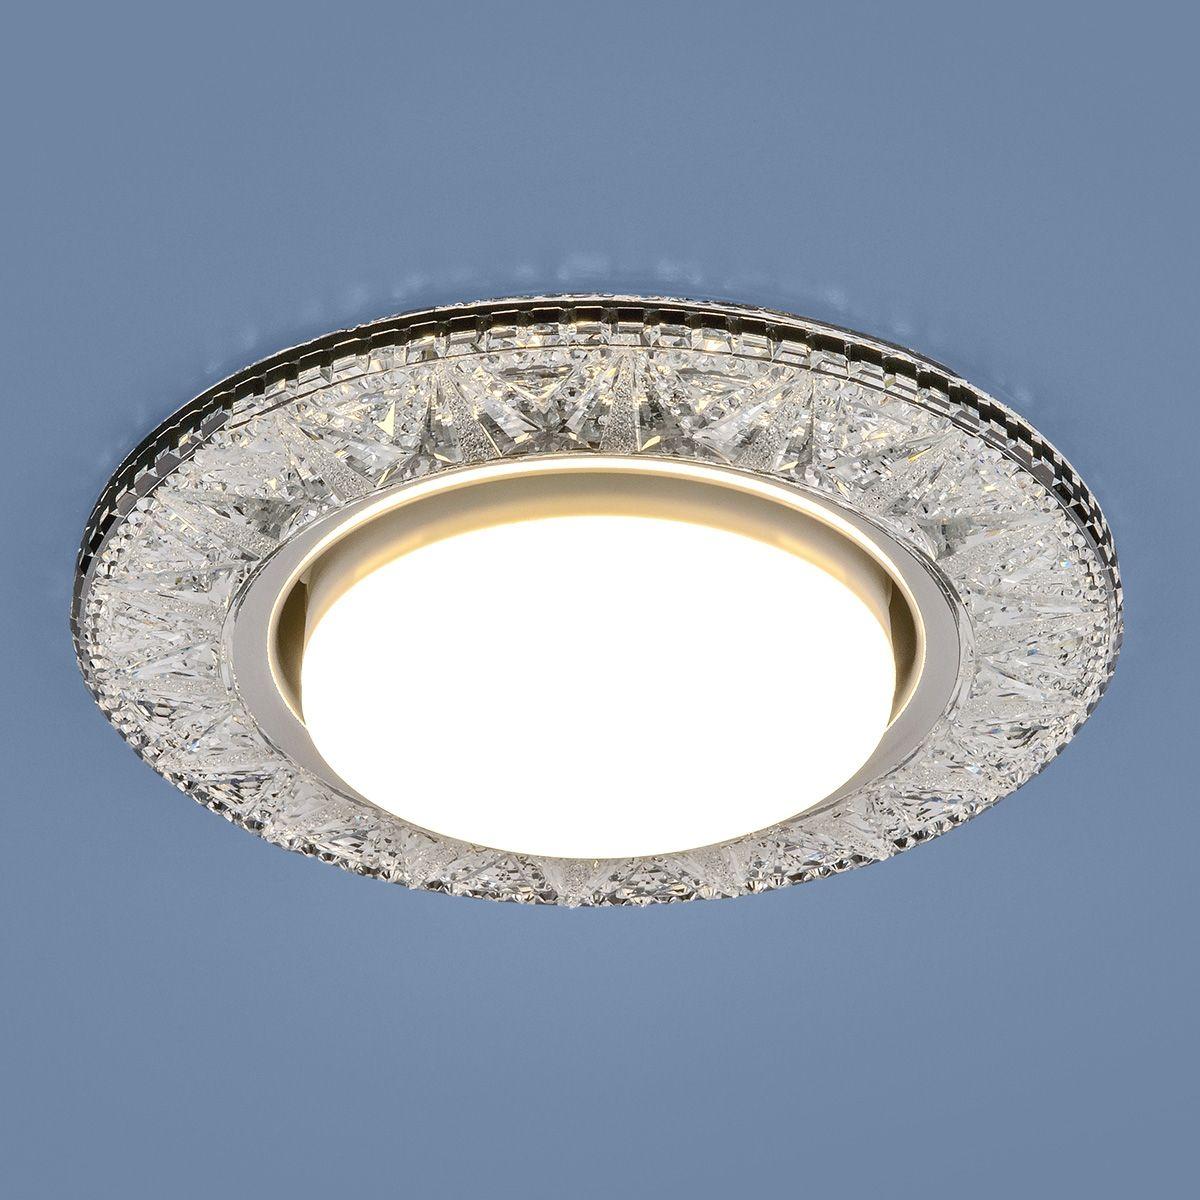 светильники экола фото на потолке